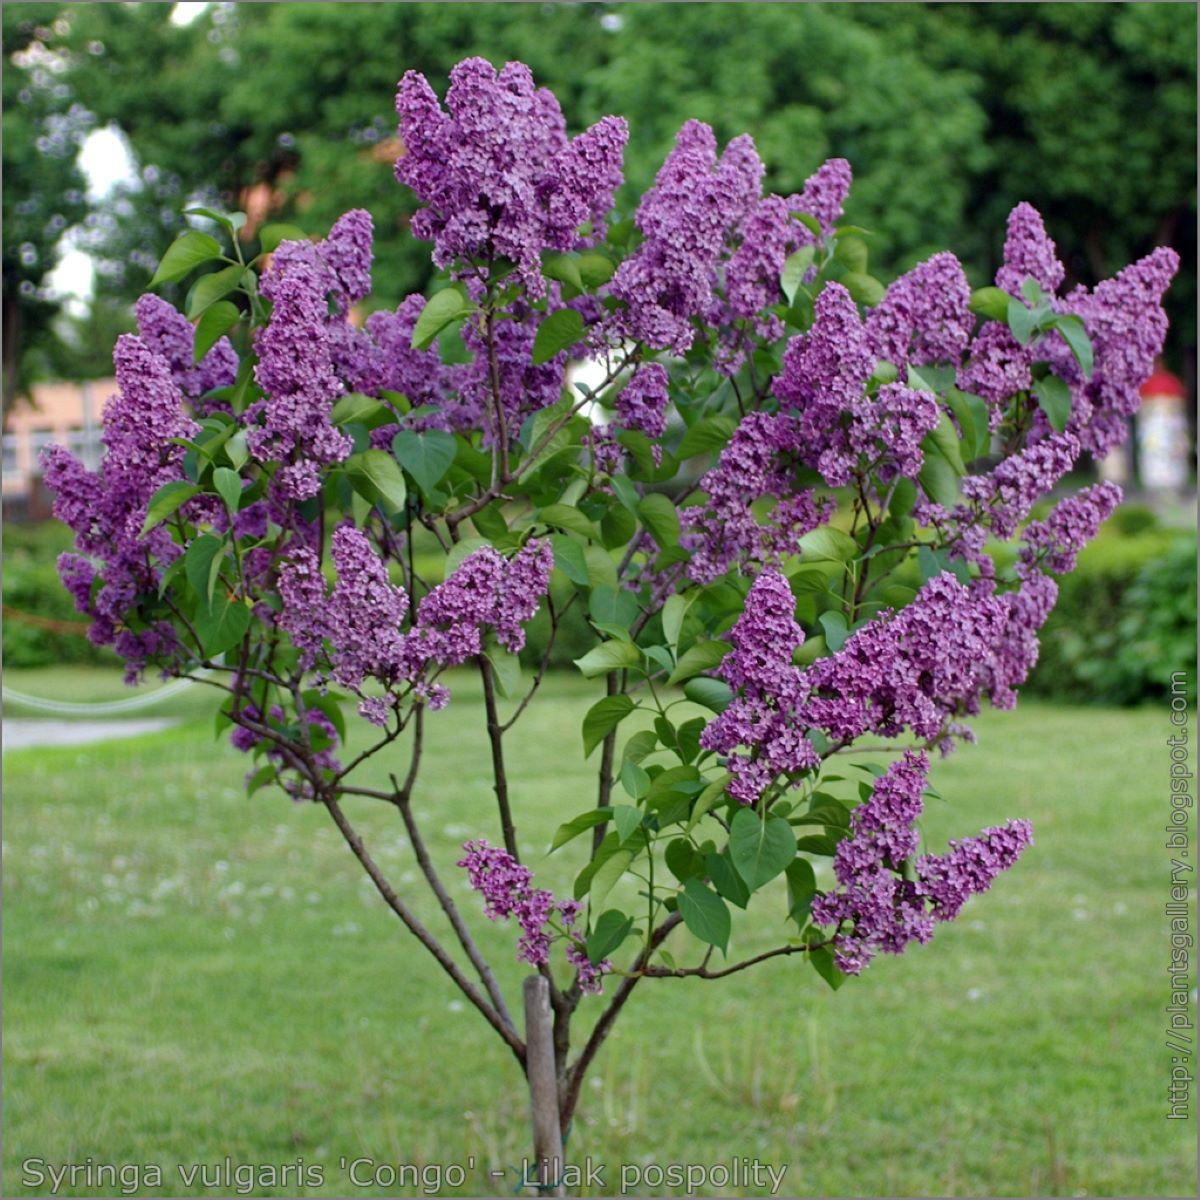 El lilo es un árbol pequeño que florece en primavera